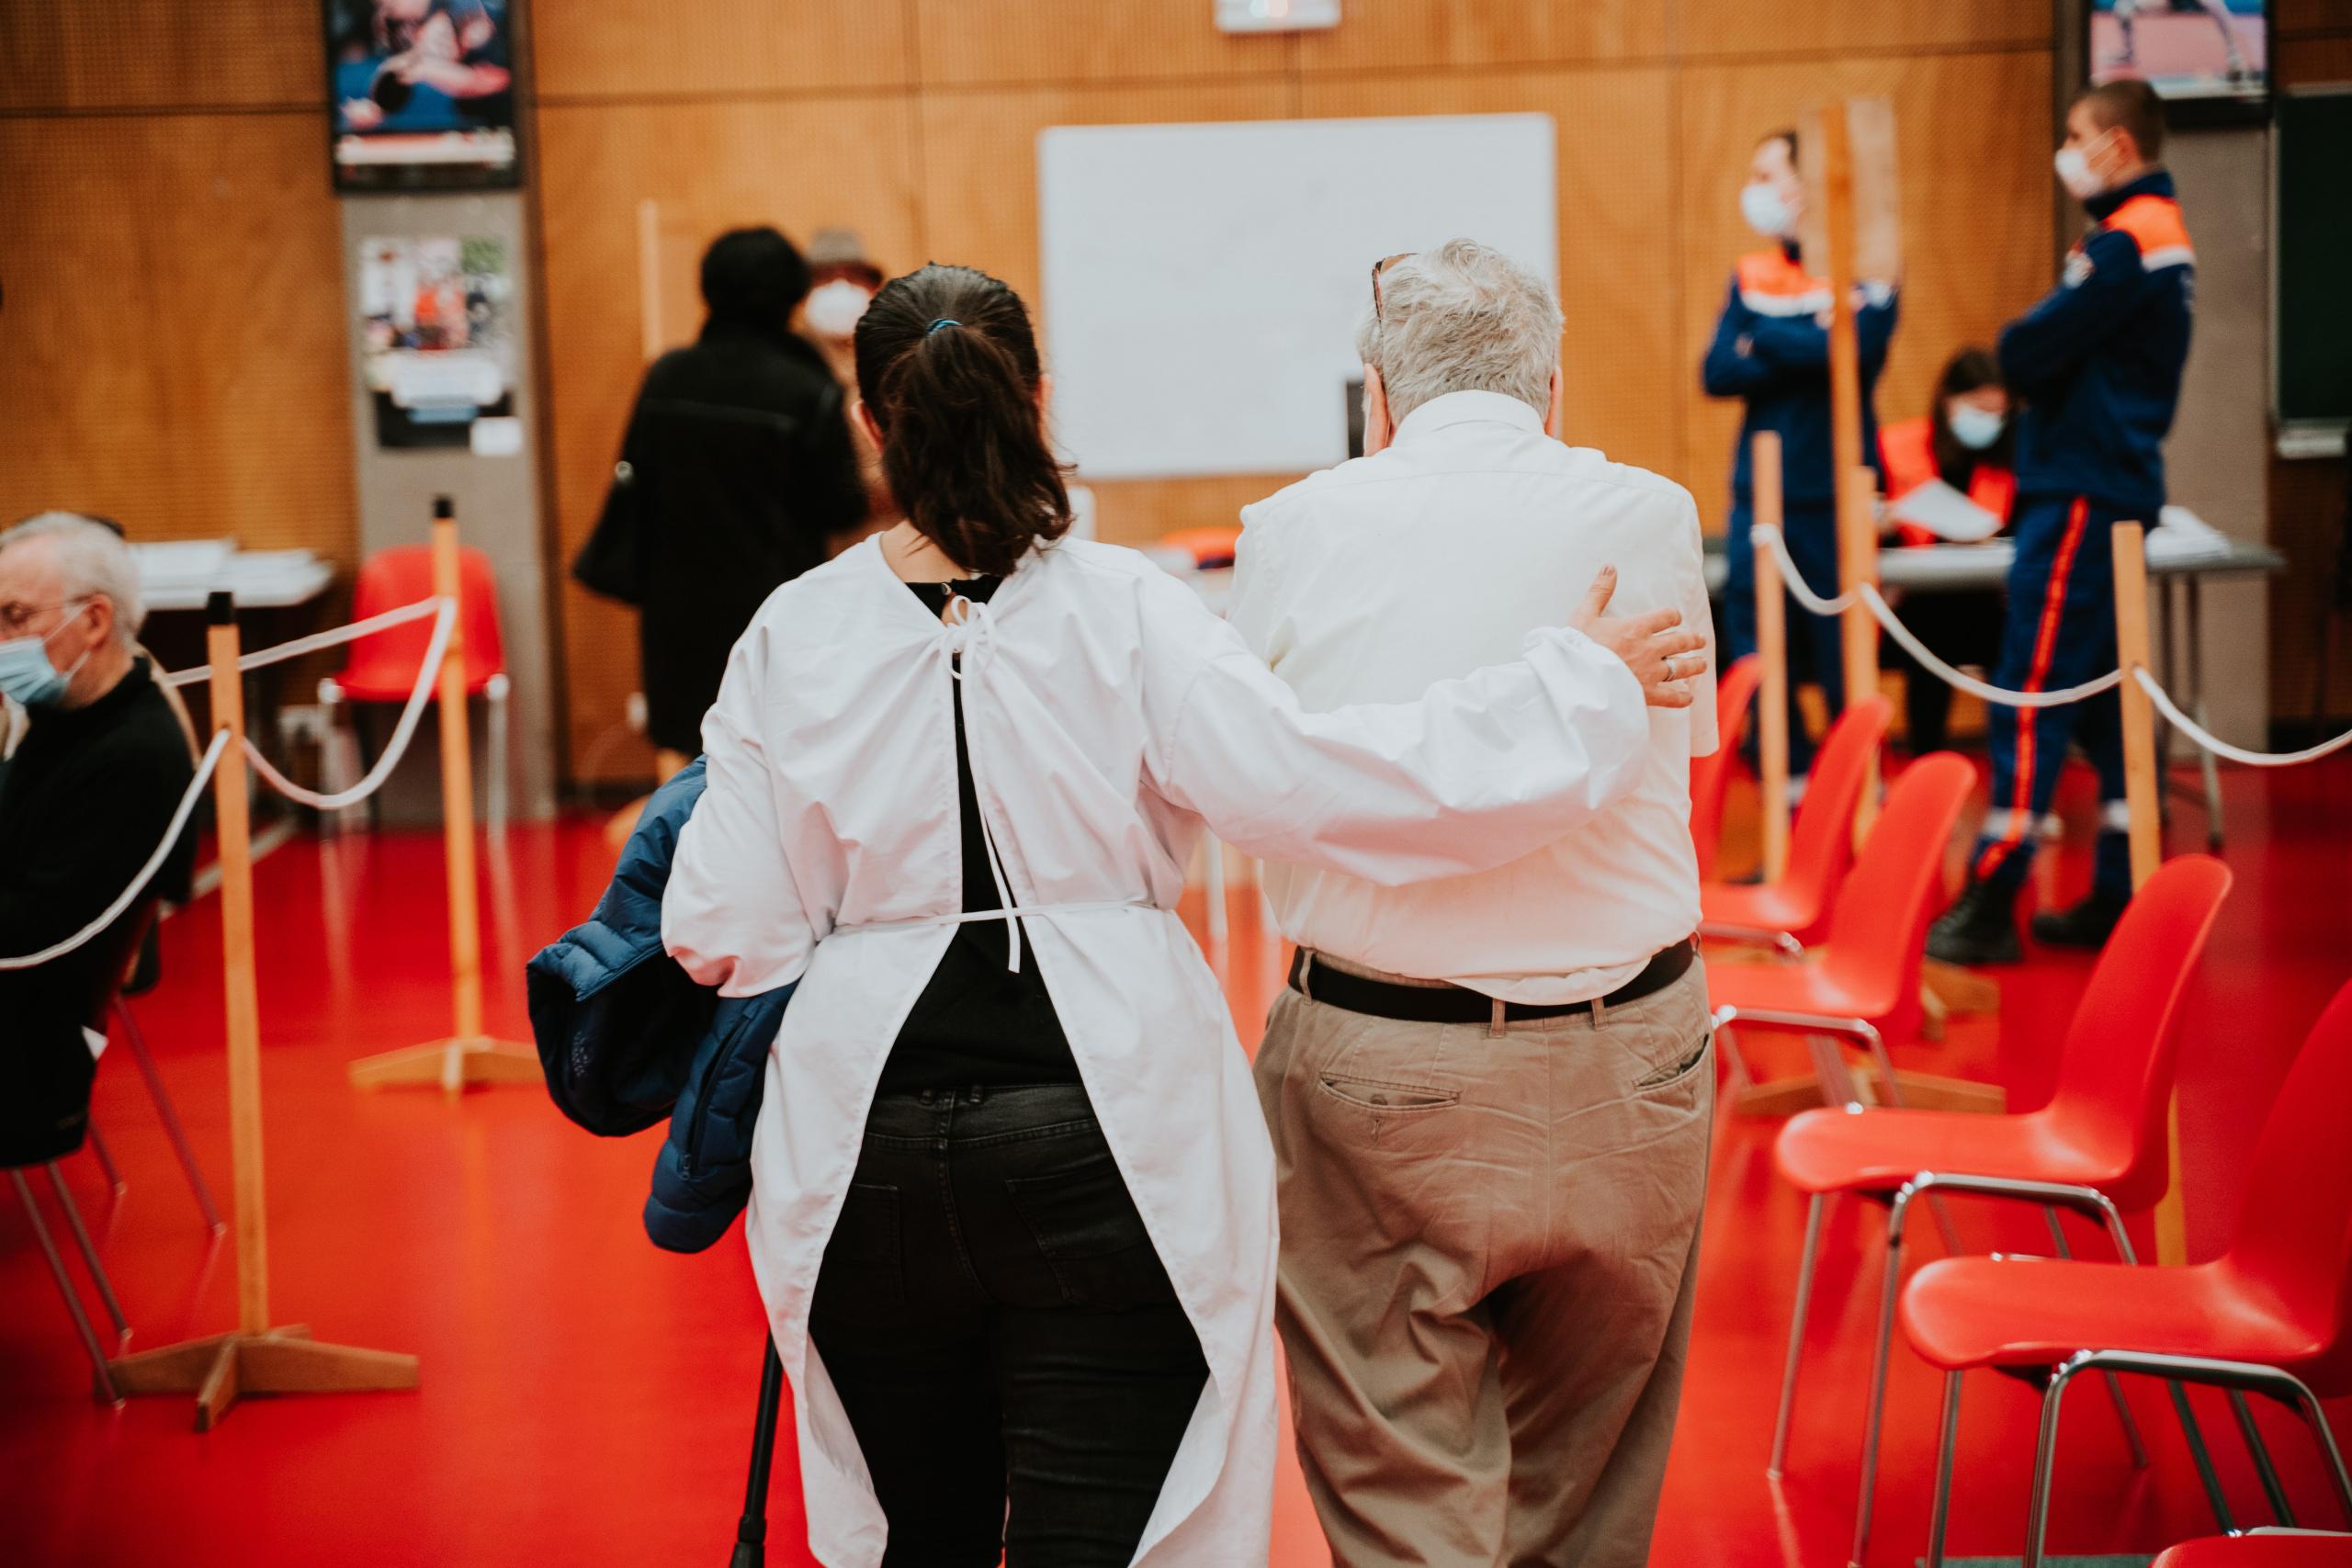 Kvinnelig helsepersonell holder arm rundt eldre mann, sett bakfra. Foto.